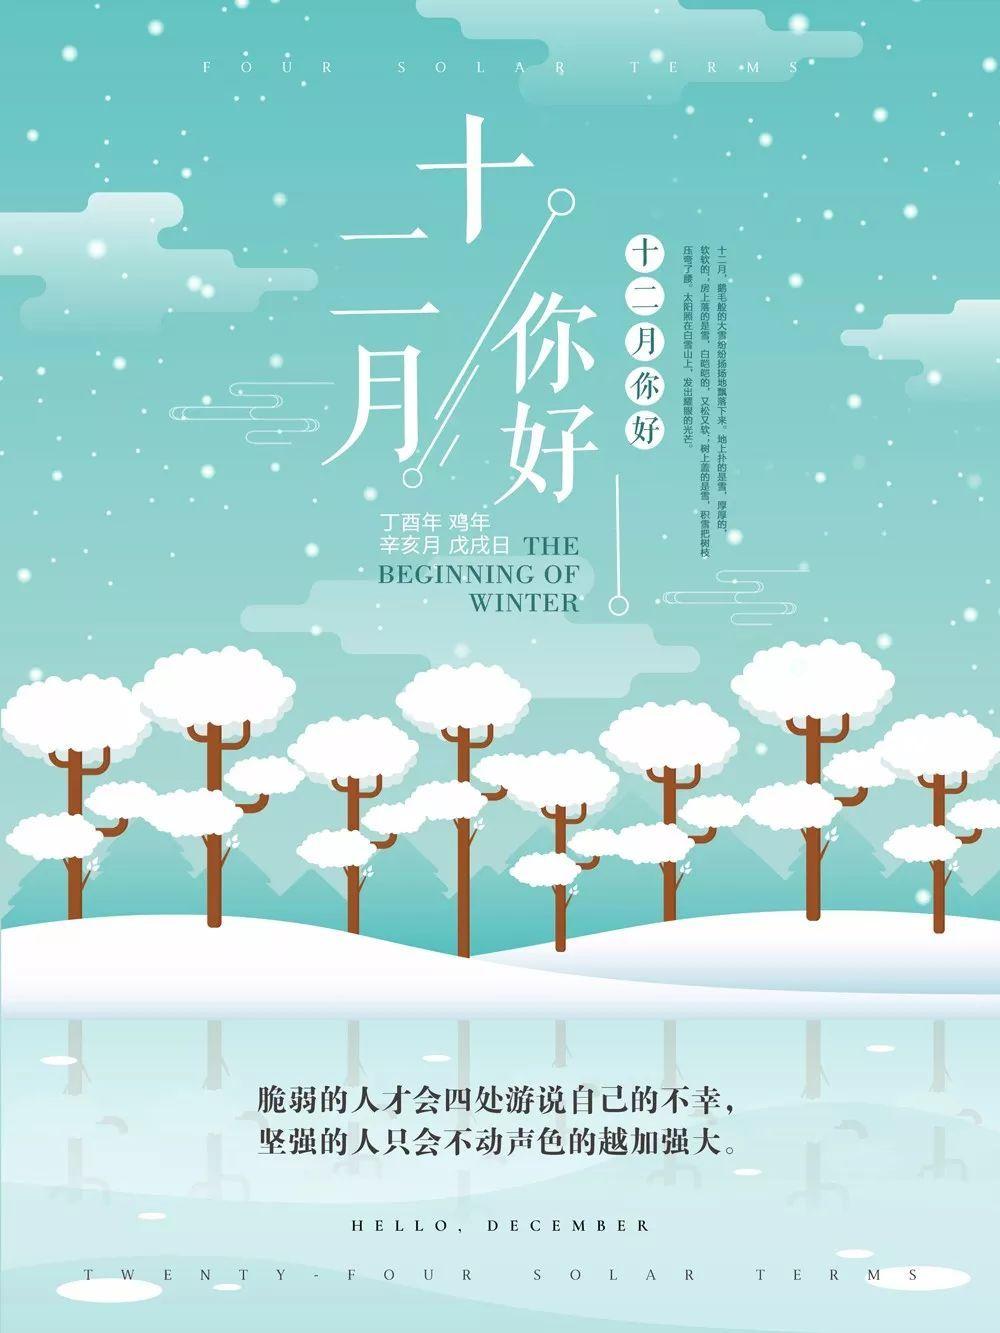 12月早安心语正能量励志 十二月早安正能量语录